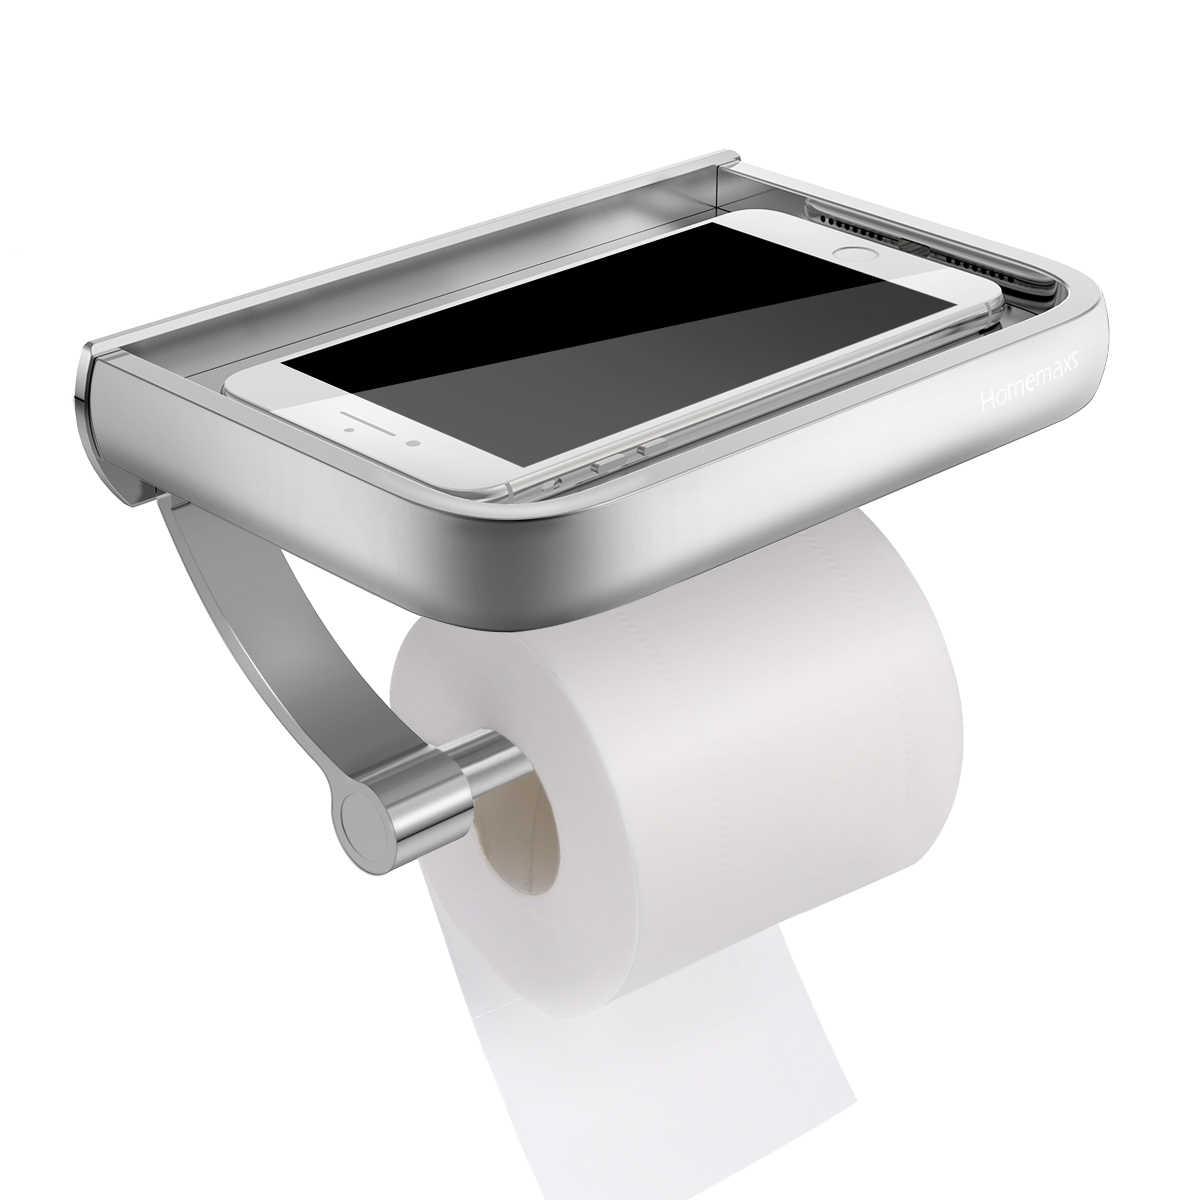 Настенный держатель туалетной бумаги держатель тканевой бумаги туалетный рулонный дозатор с держателем телефона Полка для ванной комнаты Аксессуары